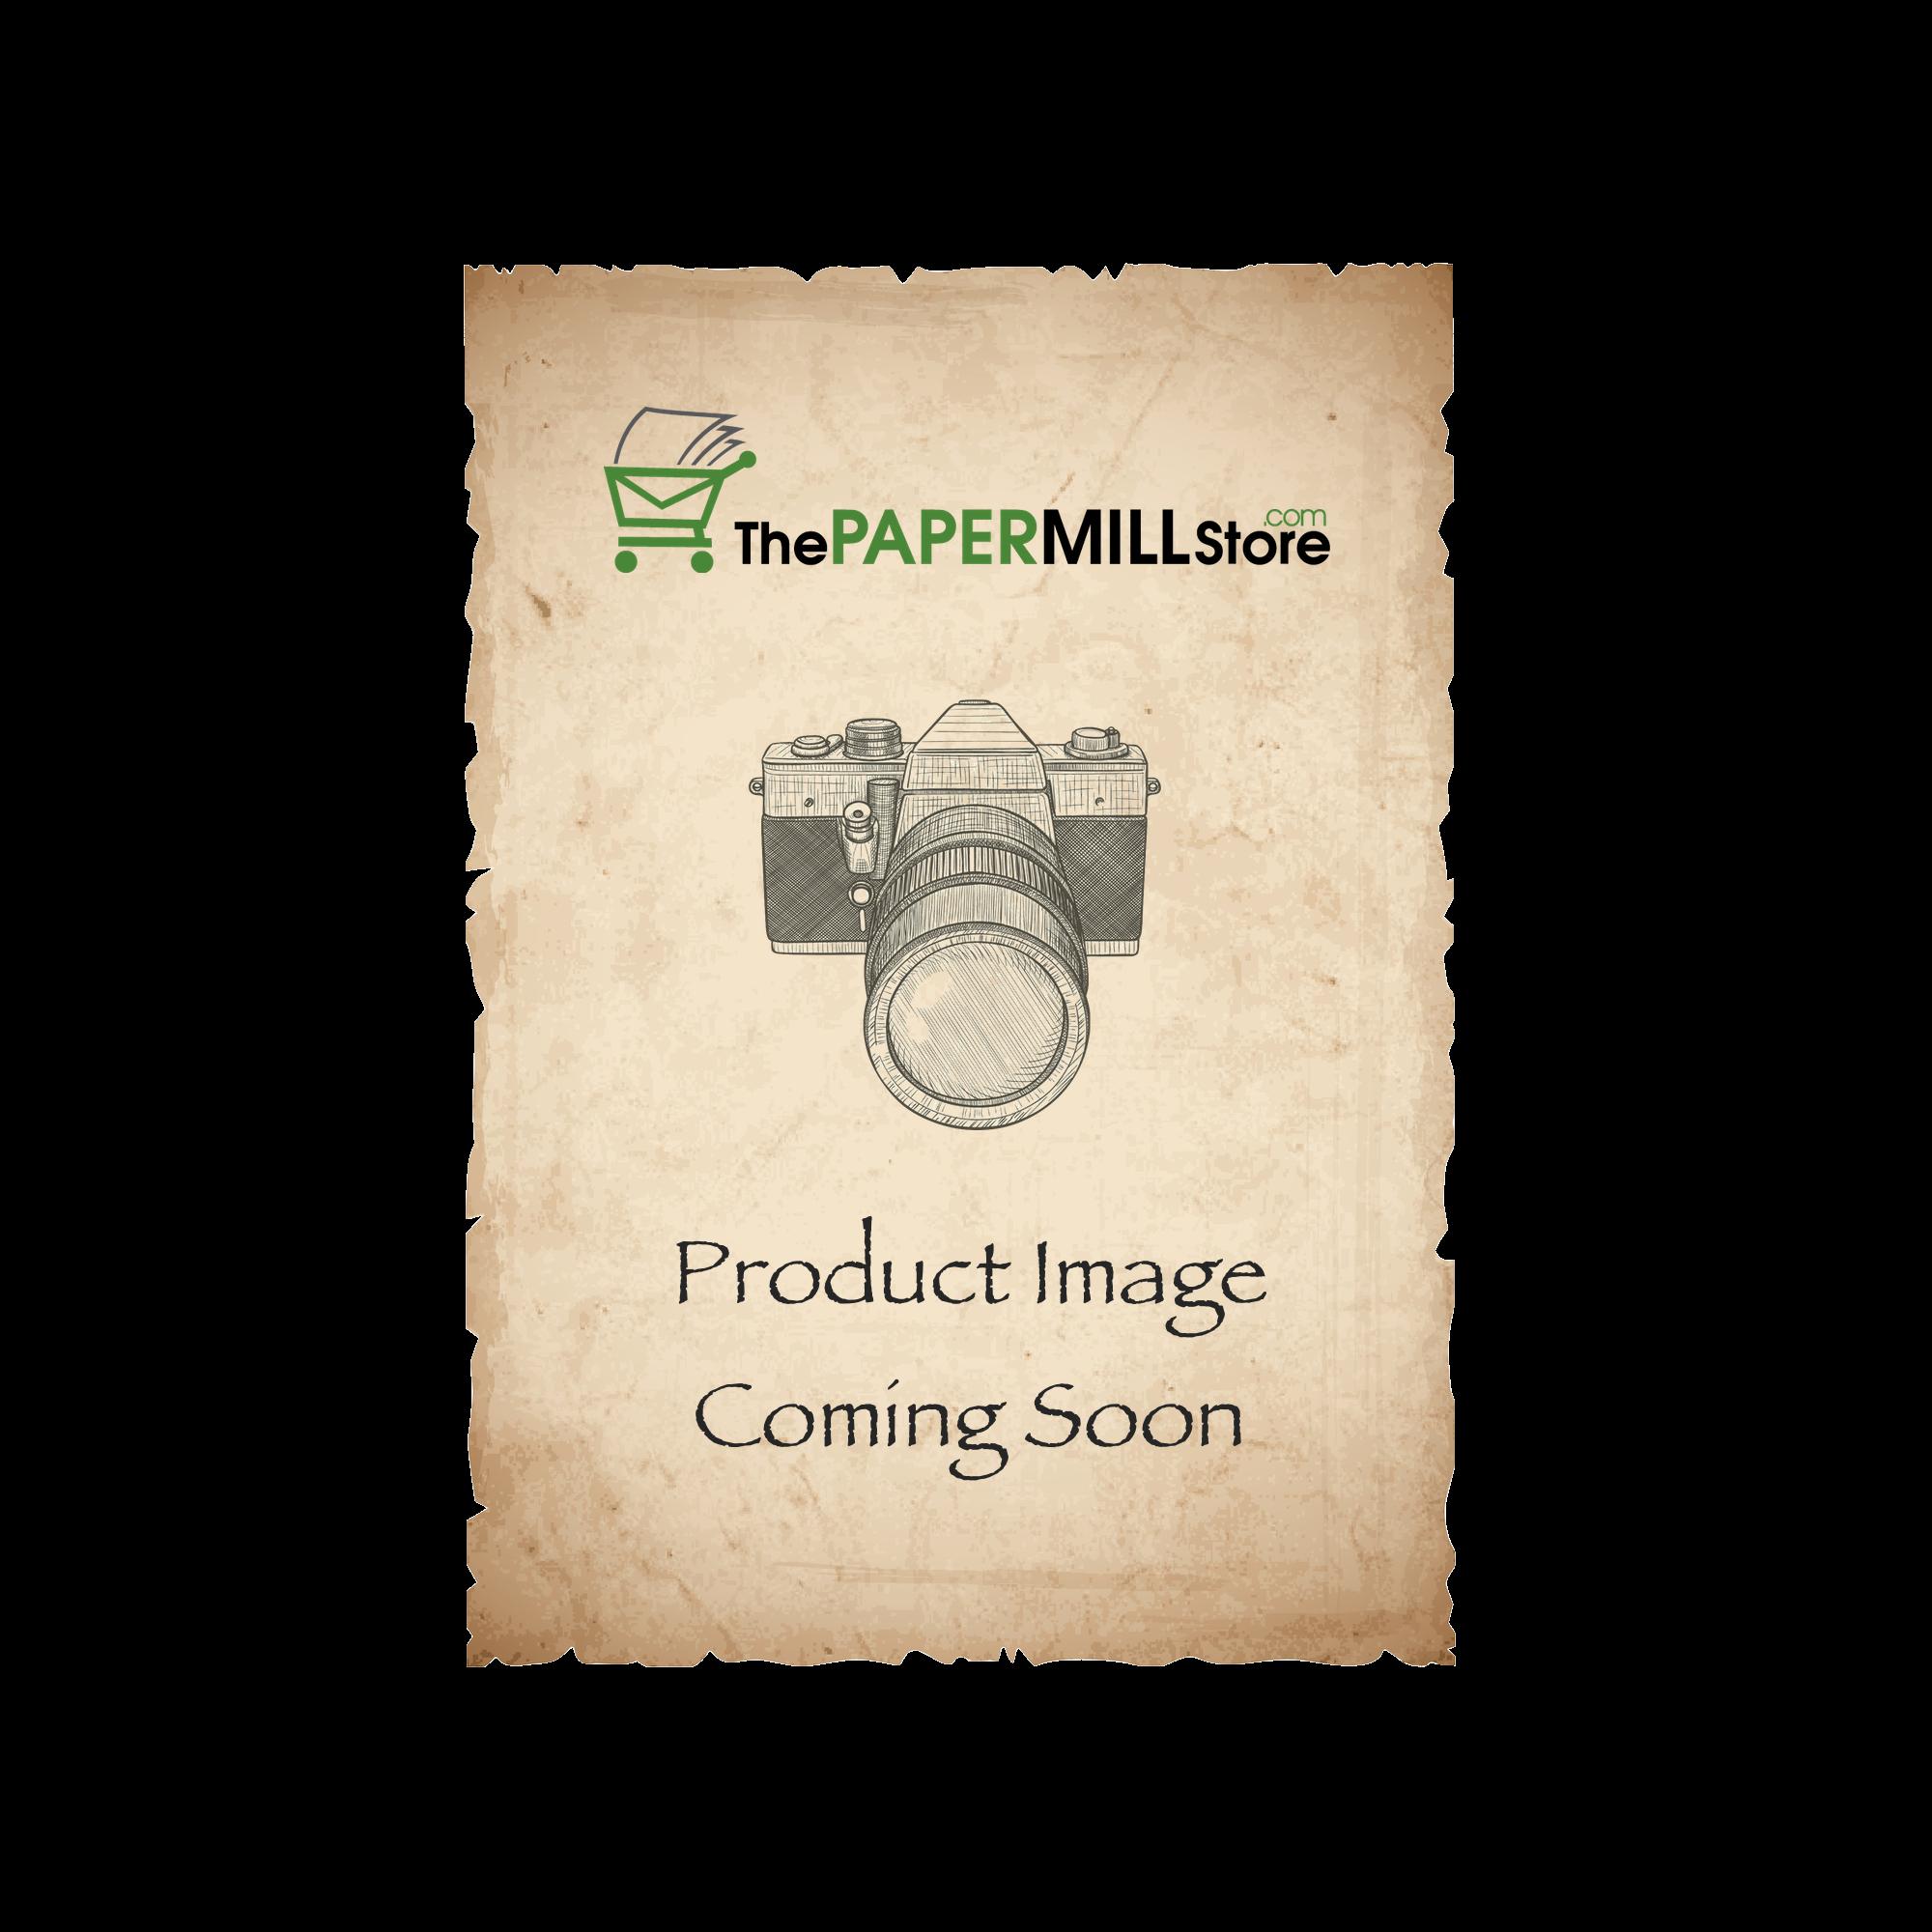 BriteHue Ultra Lava Envelopes - A7 (5 1/4 x 7 1/4) 60 lb Text Semi-Vellum 250 per Box